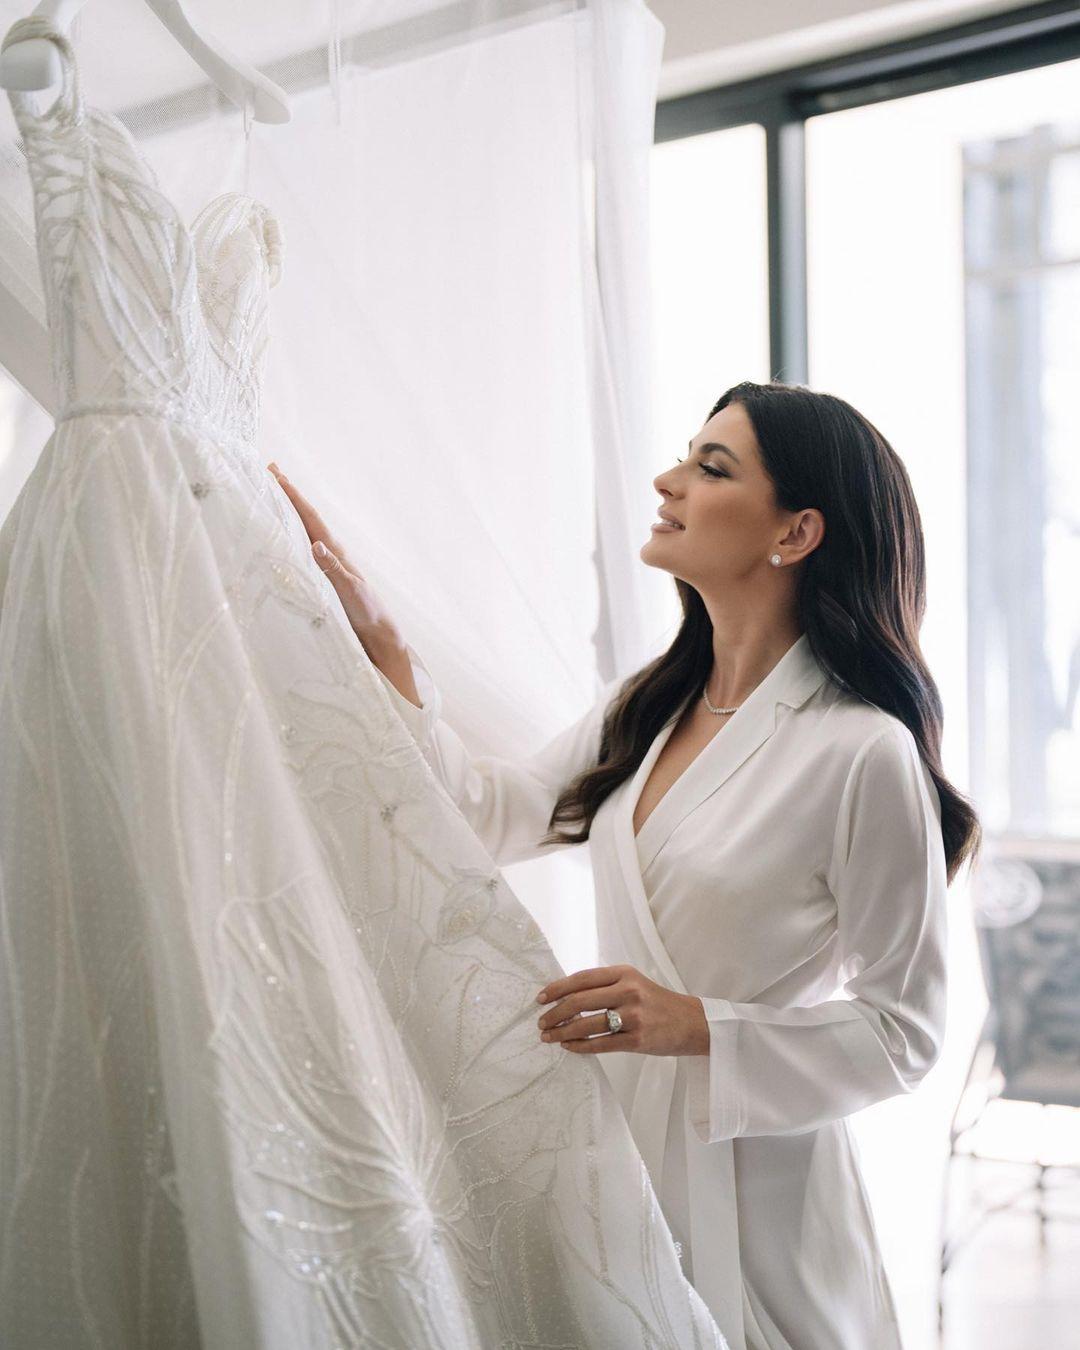 Украинский блогер Мария Солодар похвасталась самой дорогой свадьбой года (ФОТО) - фото №2